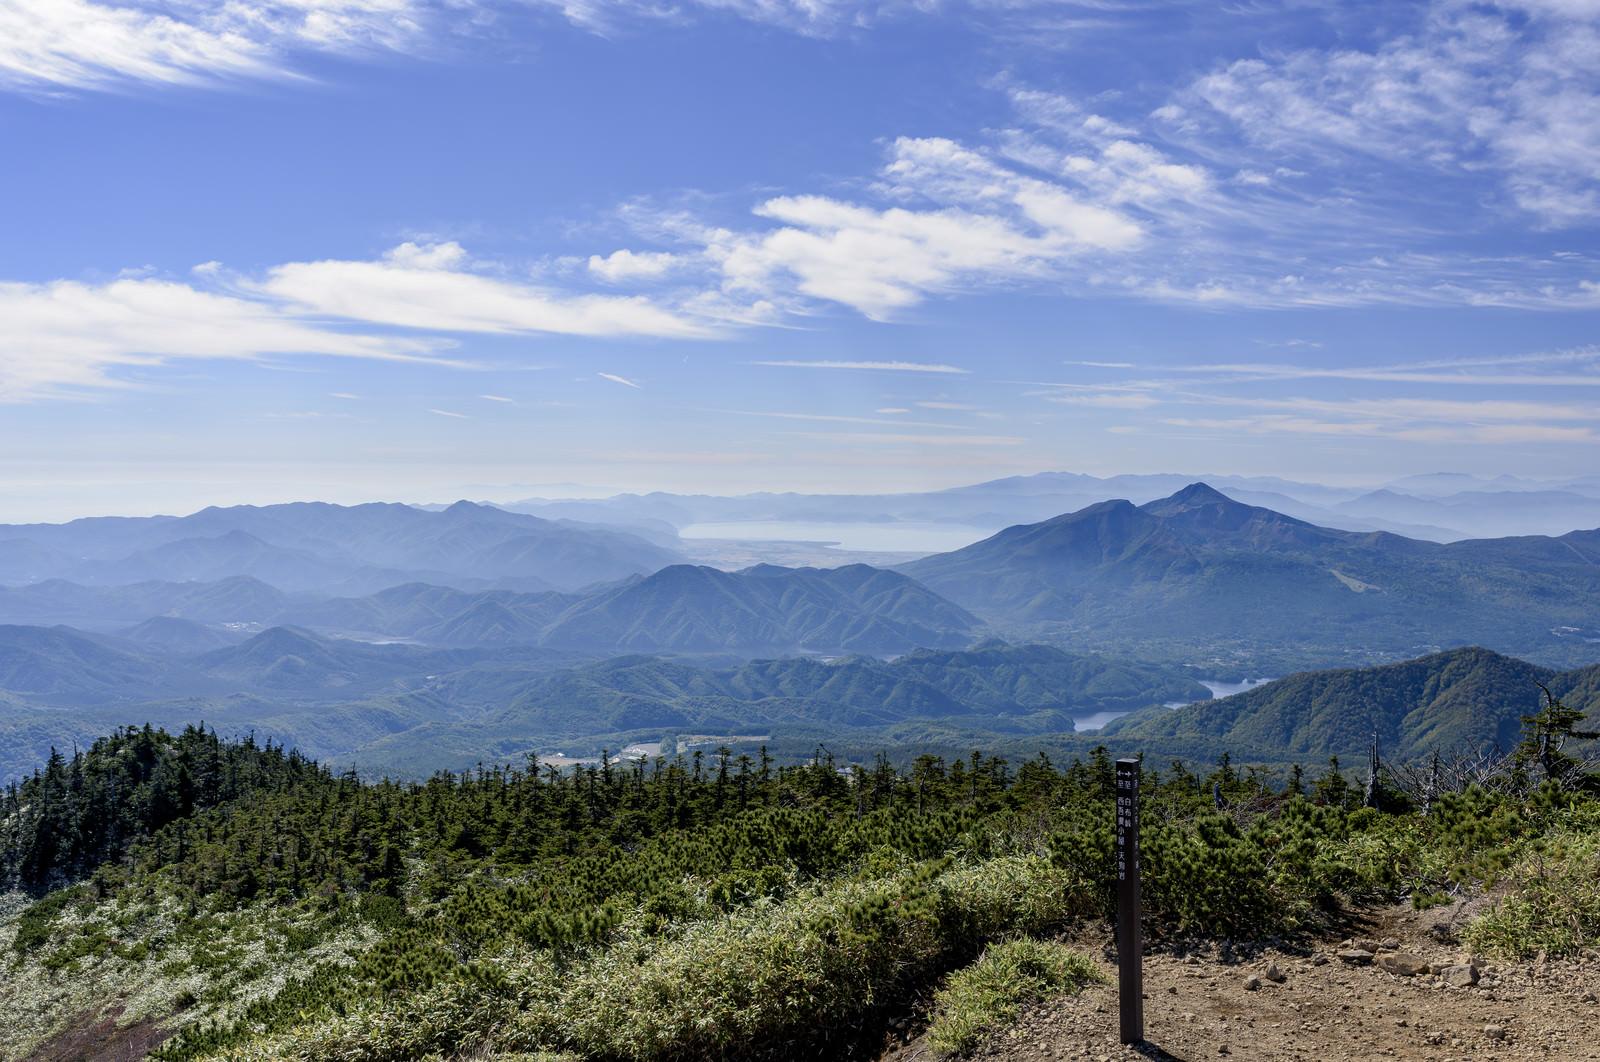 「西大巓から見る磐梯山(ばんだいさん)」の写真